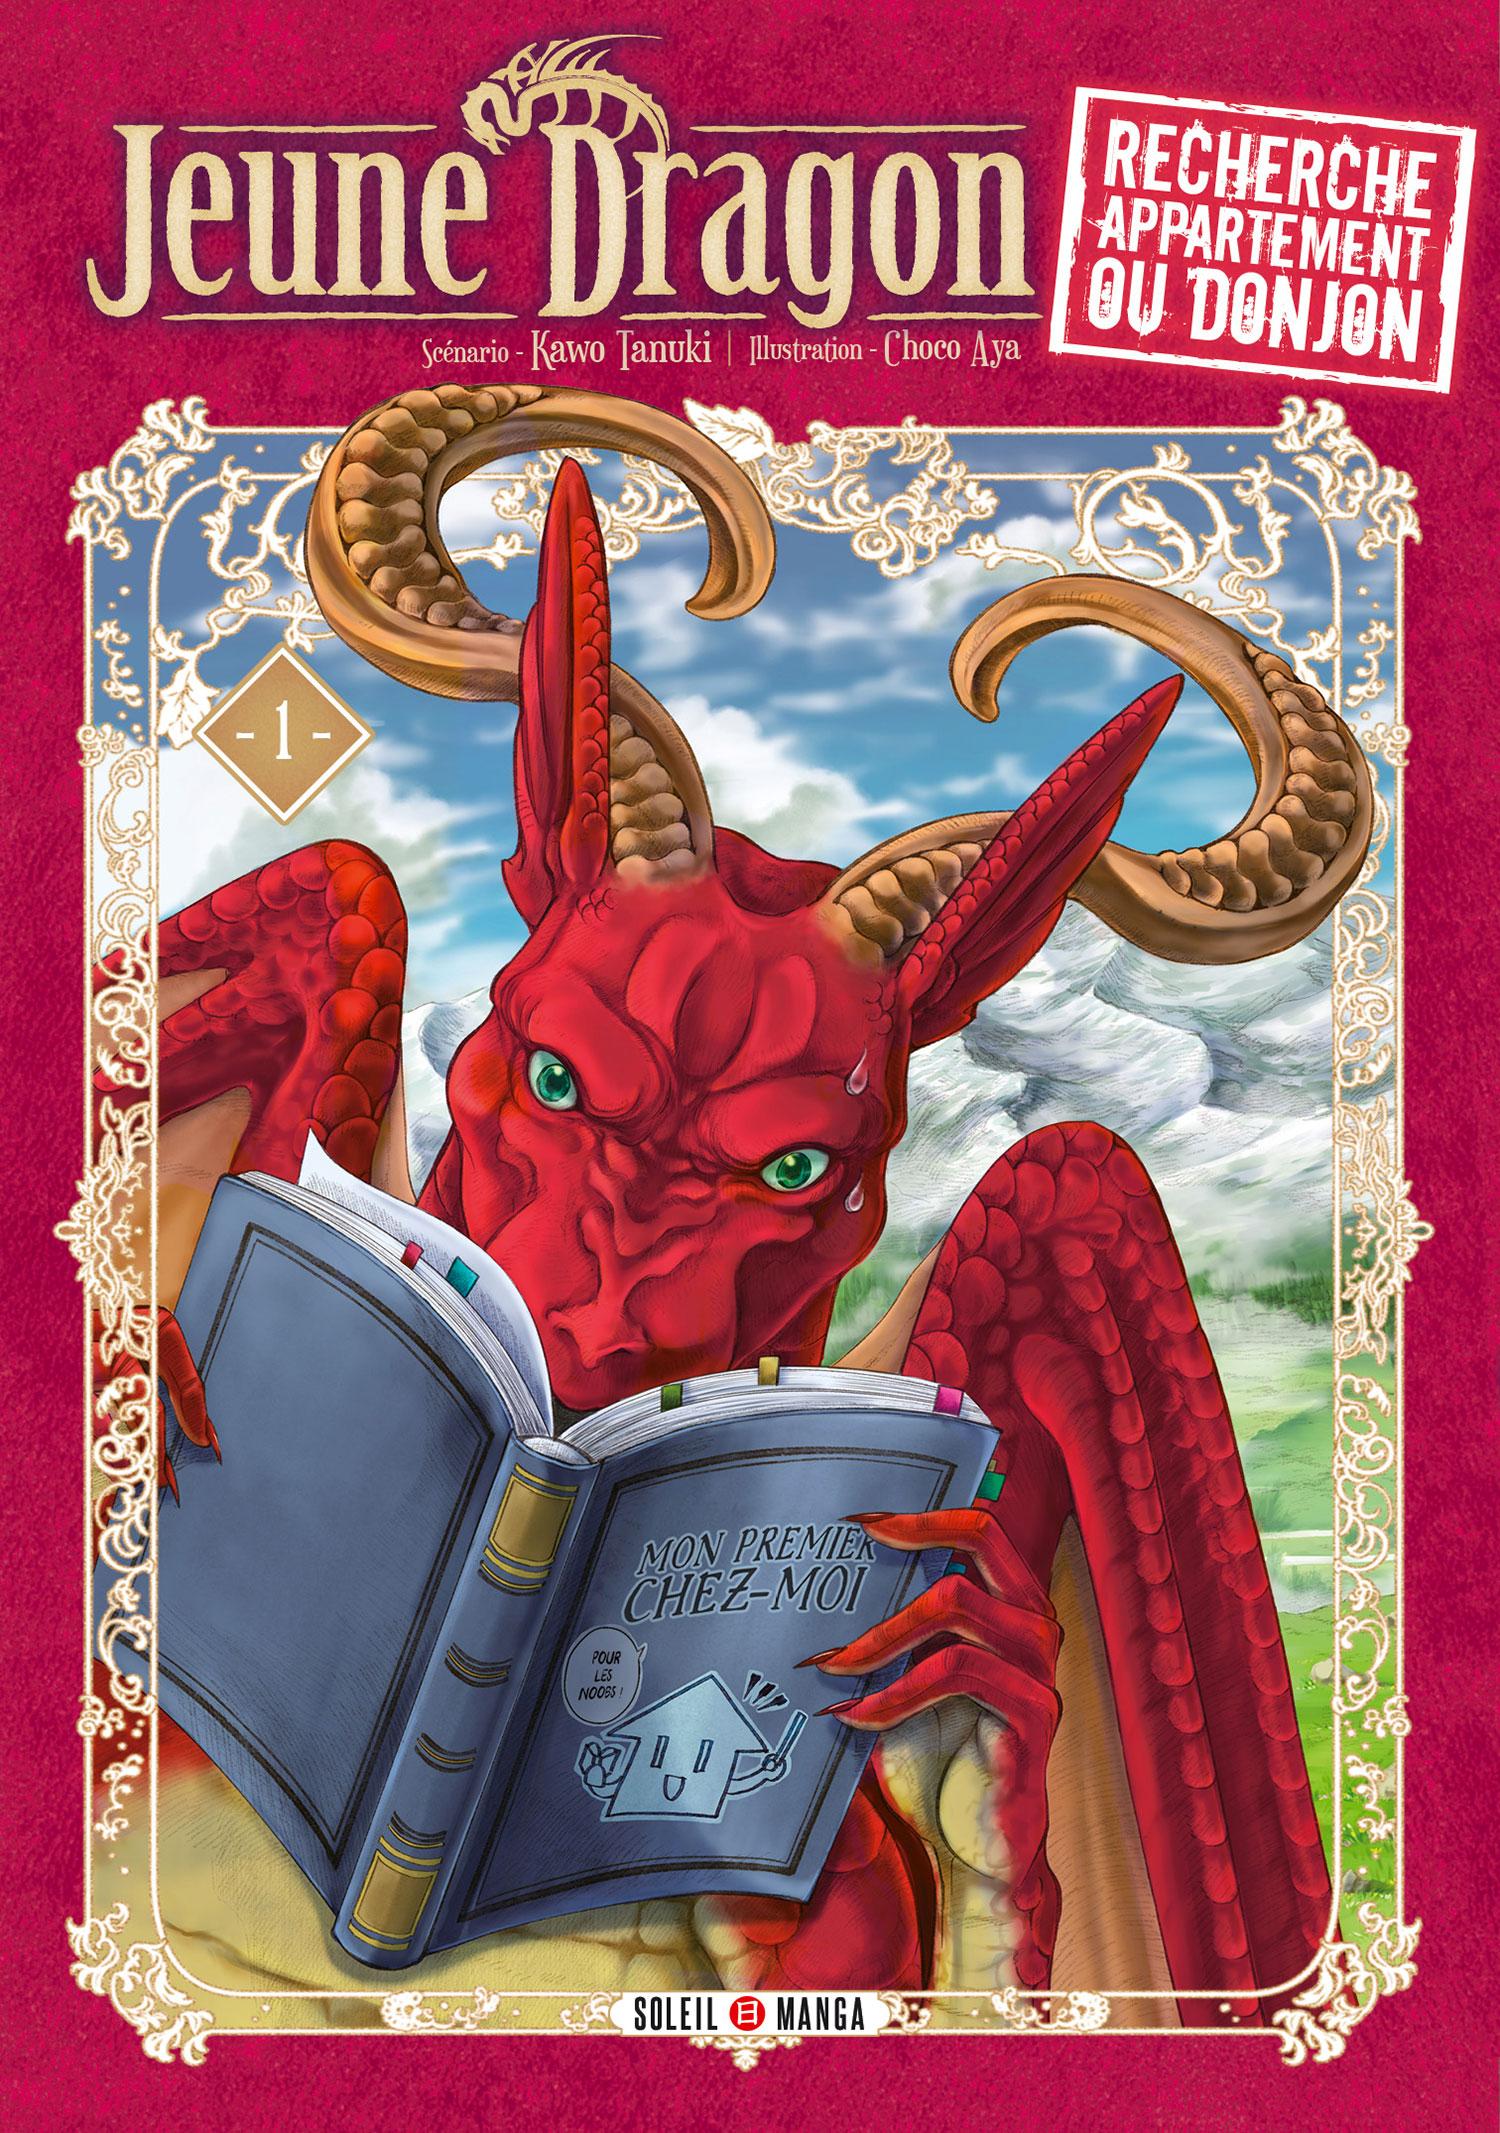 Jeune dragon recherche appartement ou donjon T1